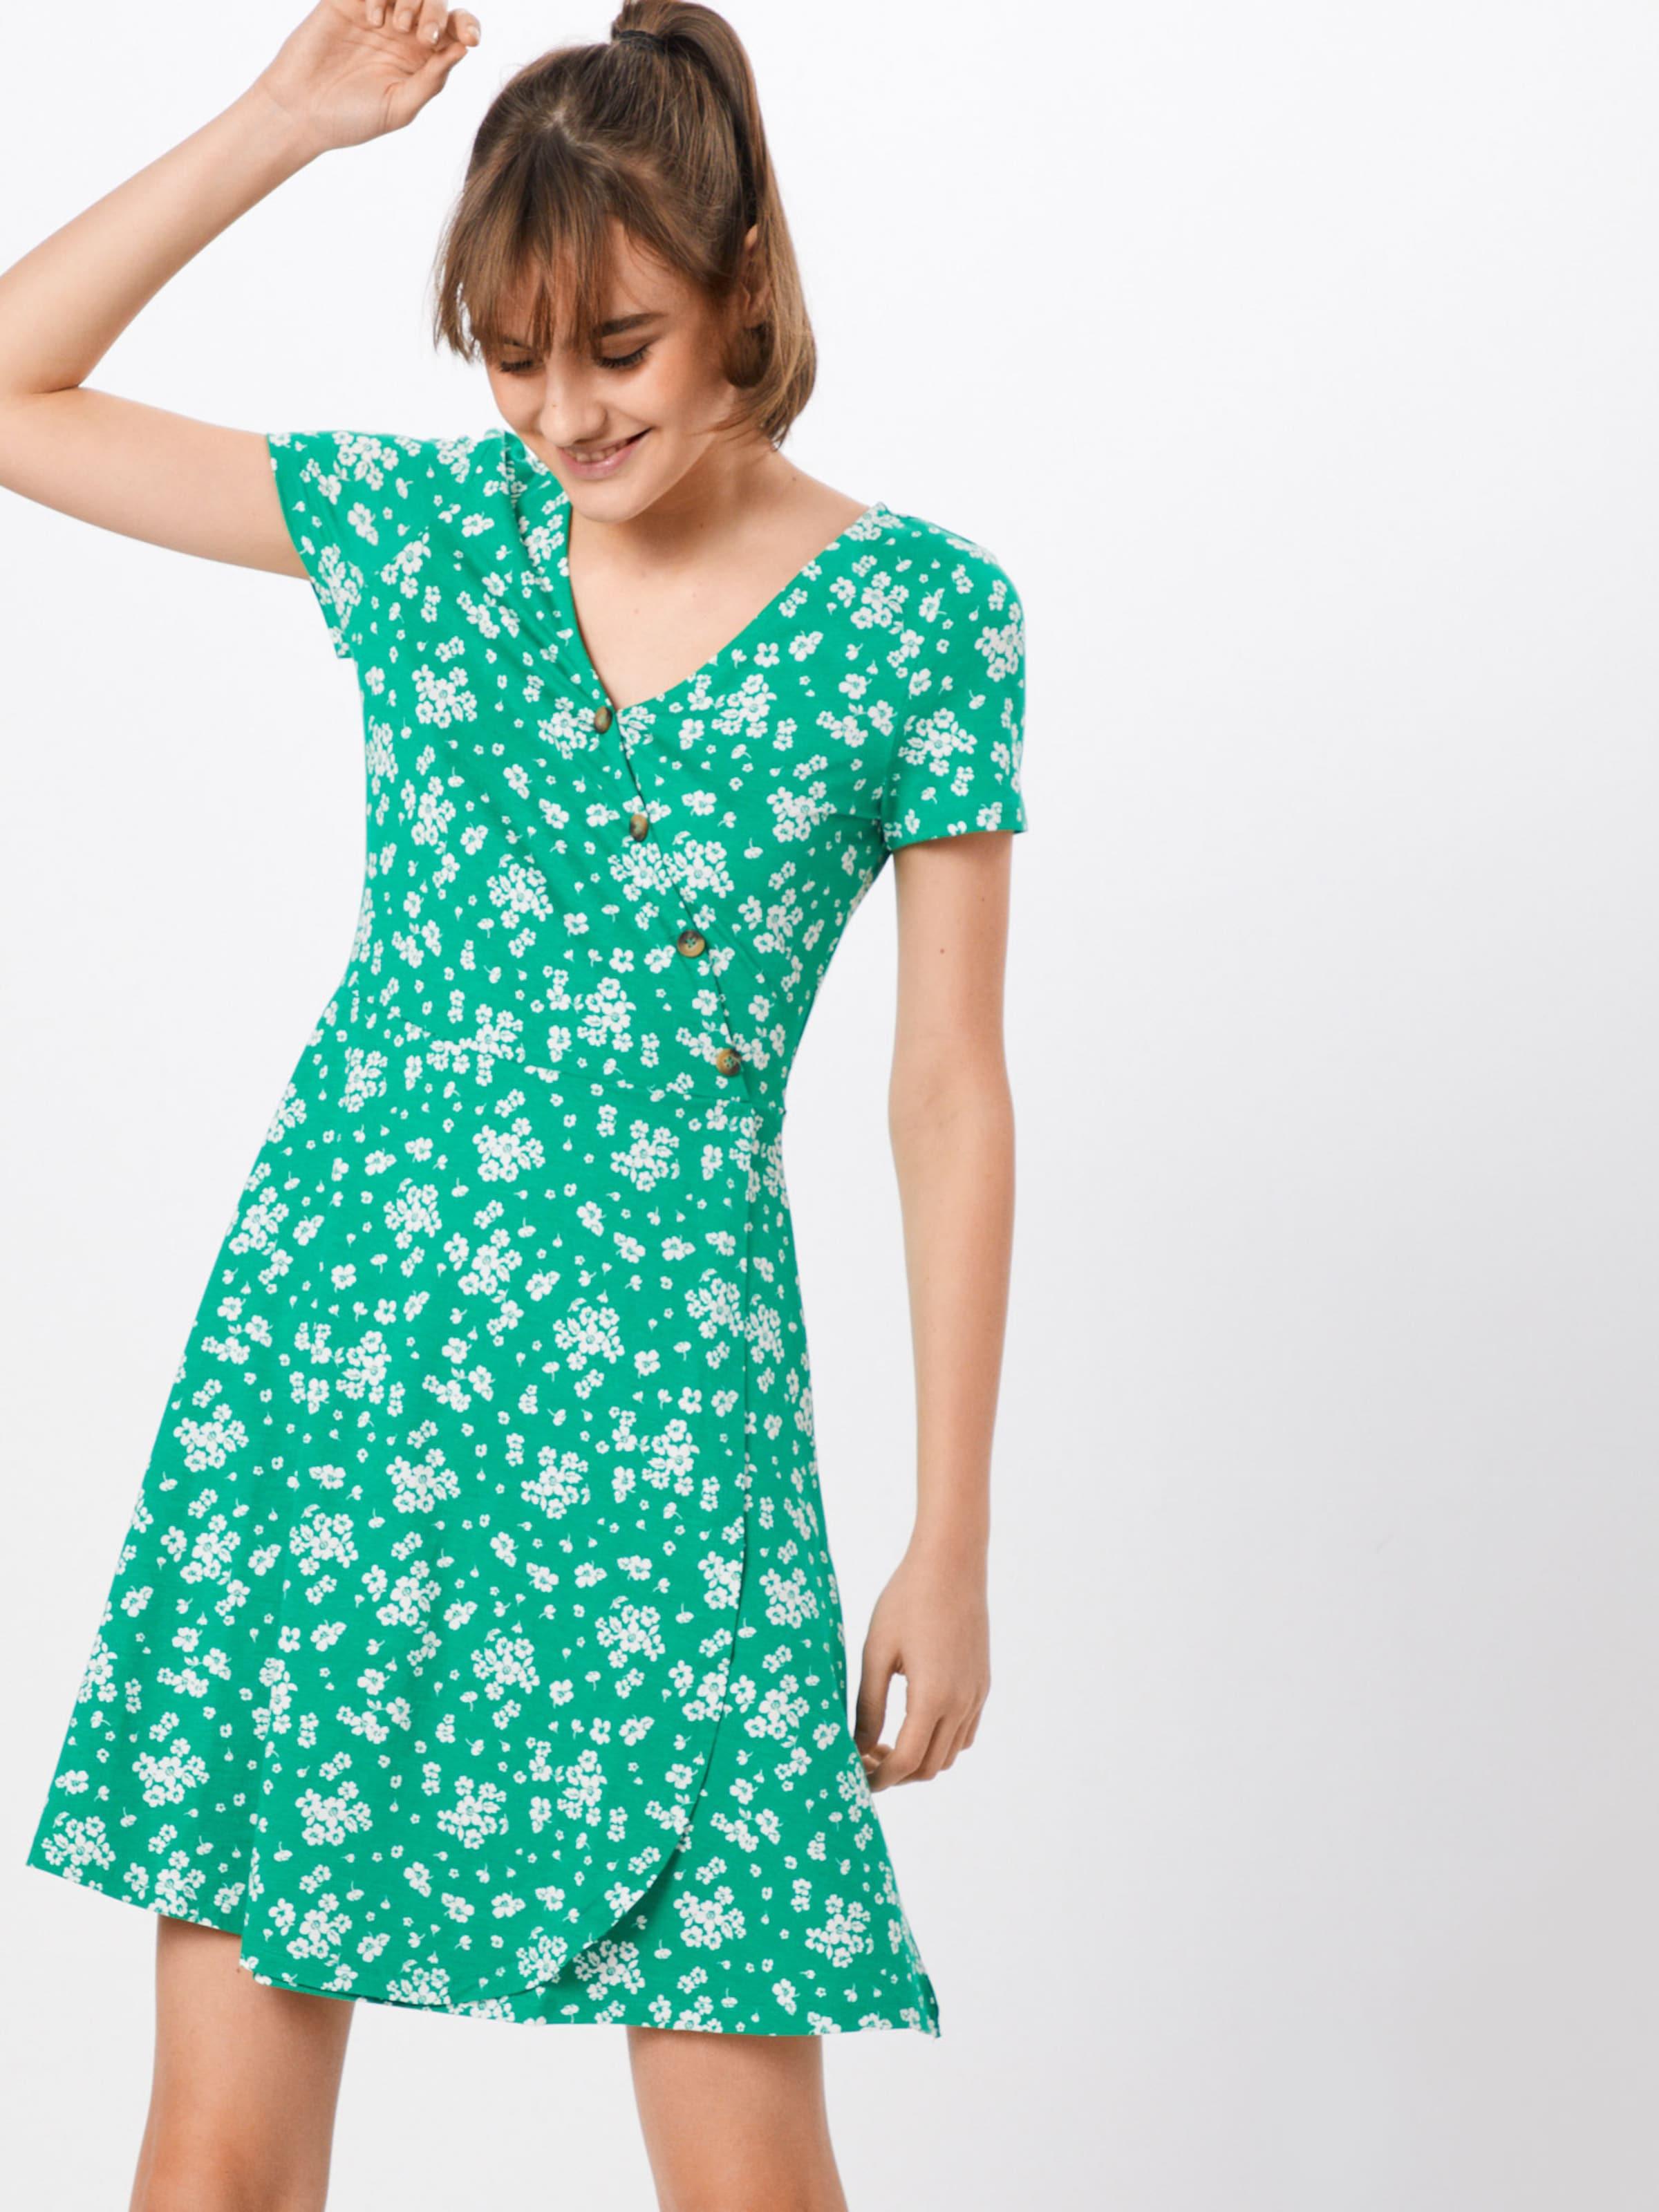 Esprit Esprit Robe Esprit Vert Robe Vert Robe D'été En En D'été CWxBerdo